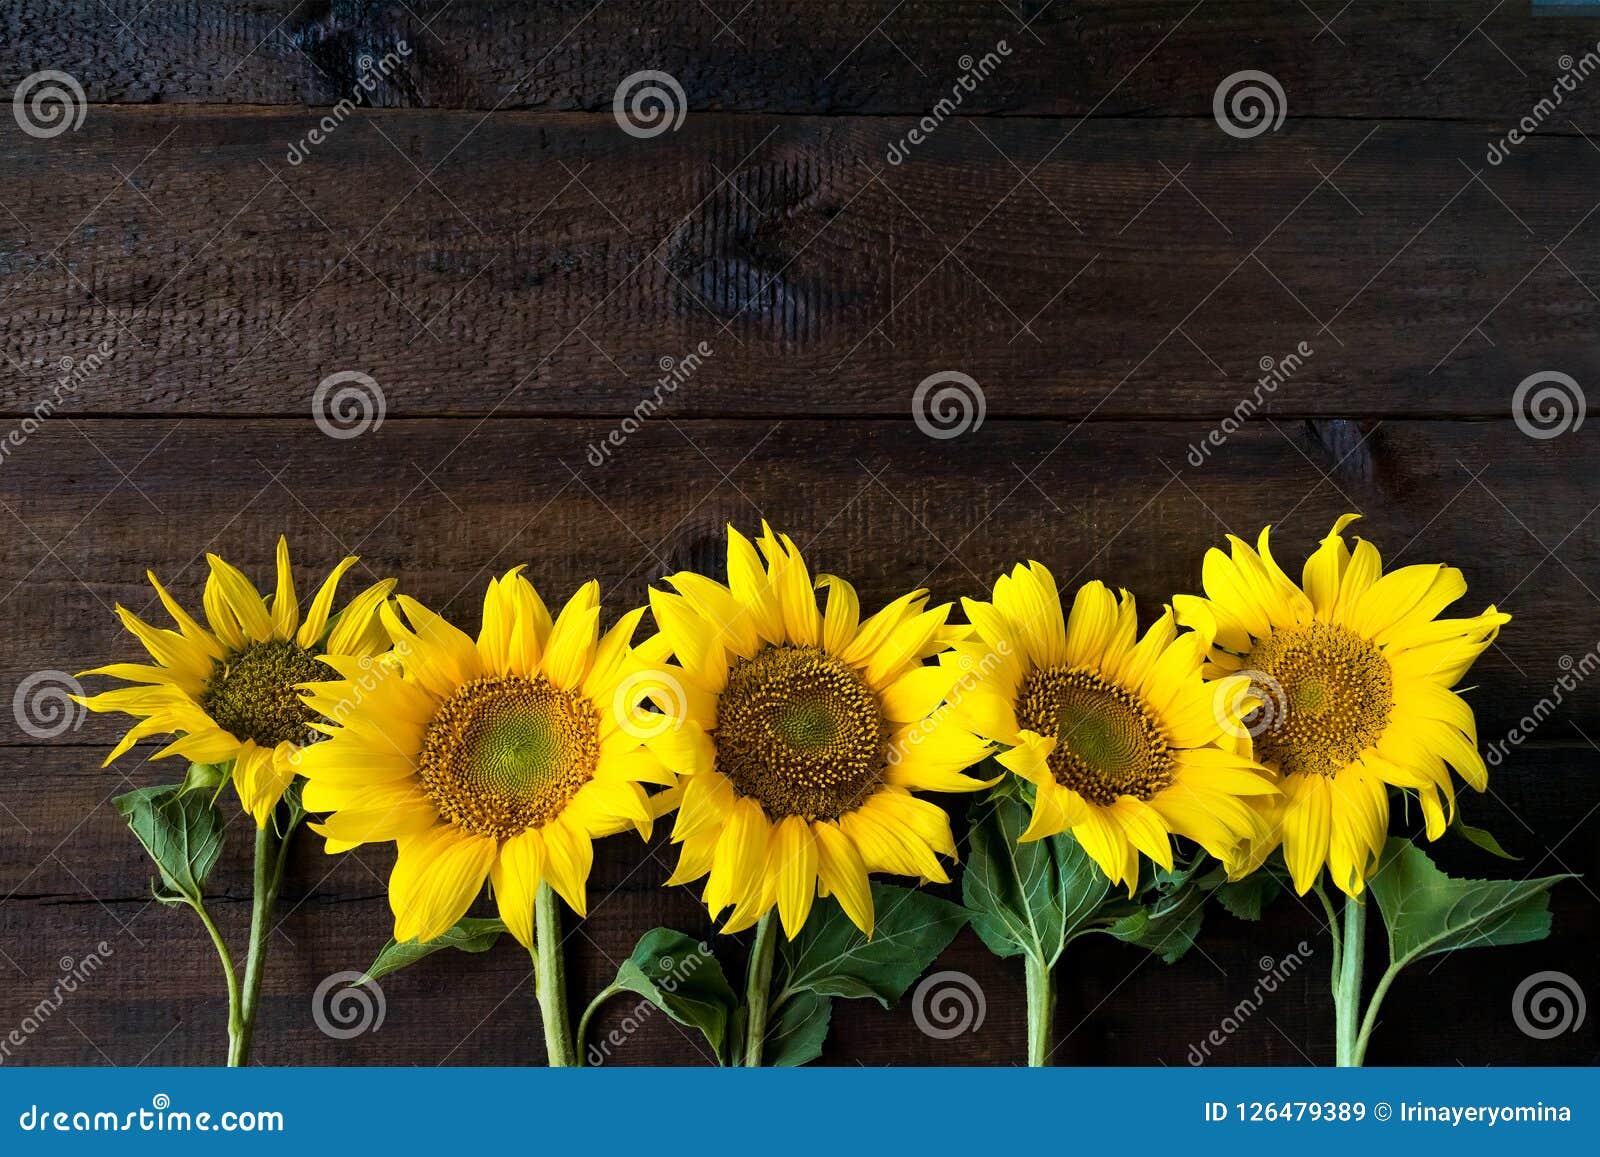 Яркие желтые солнцецветы на доске естественной деревенской текстуры деревянной